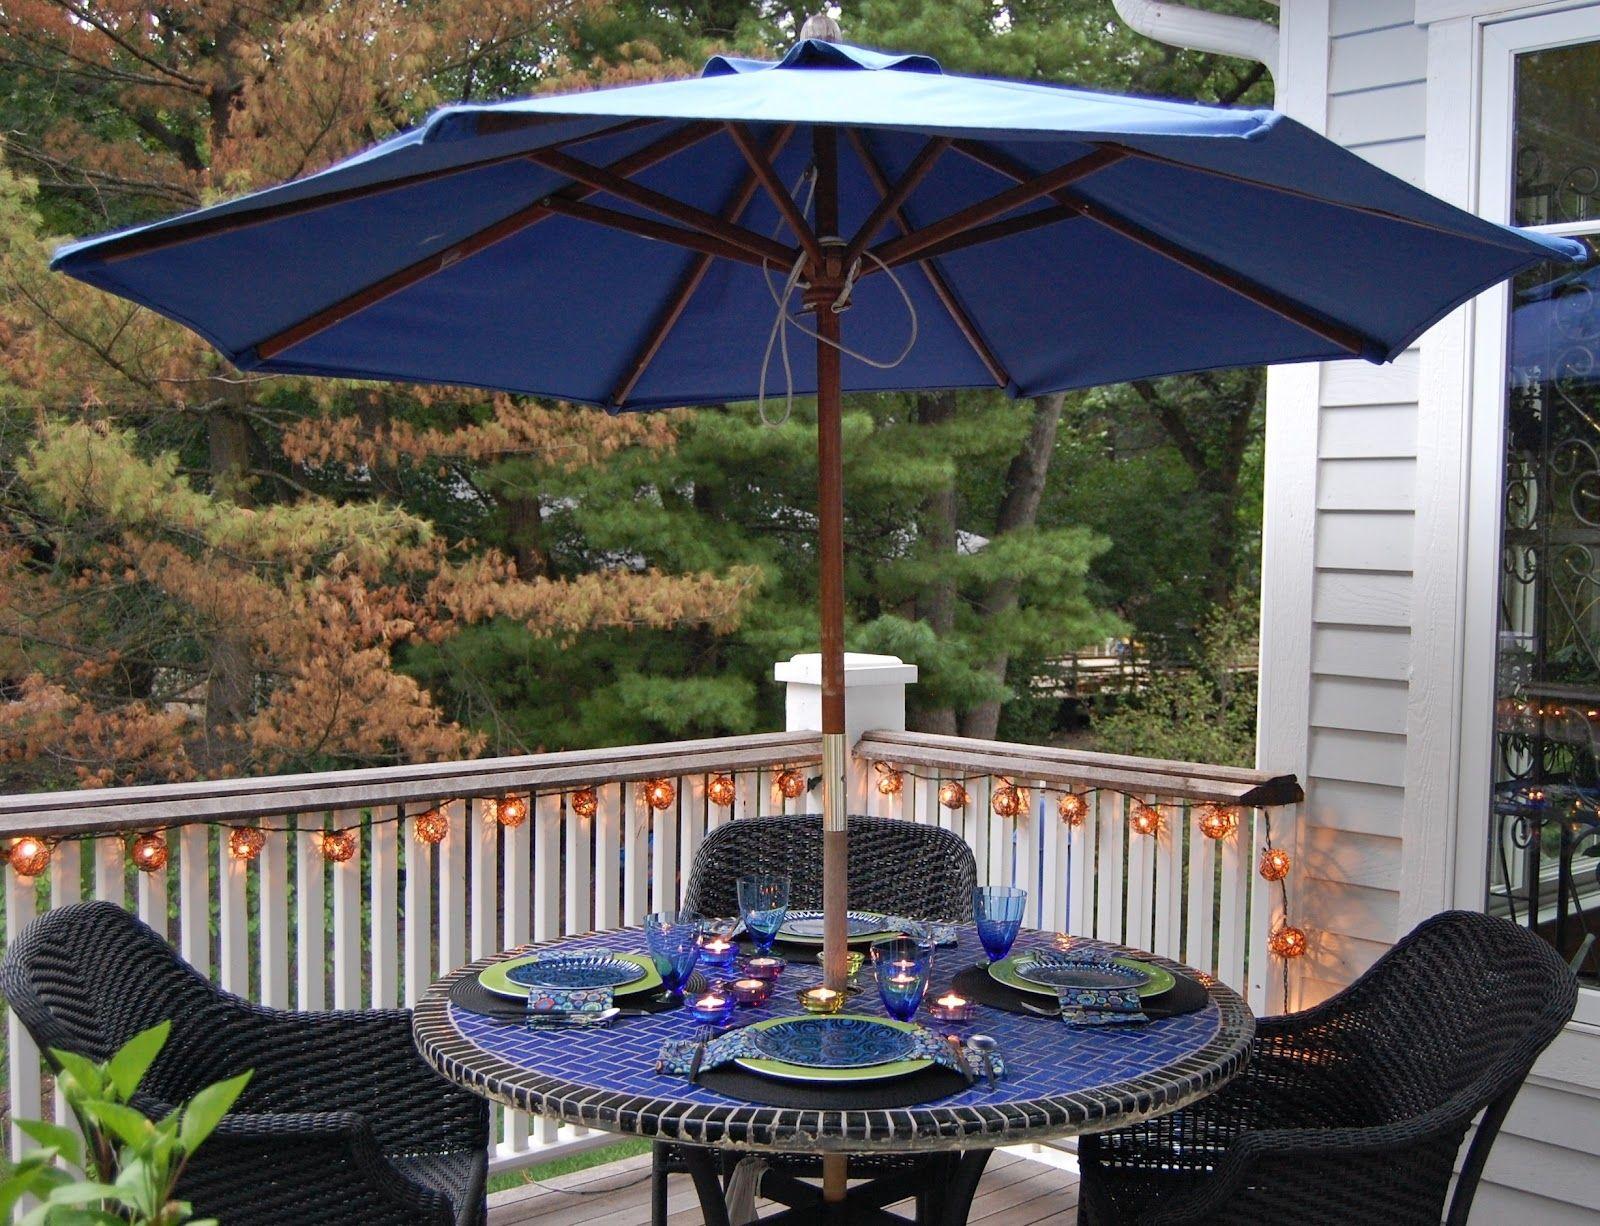 Blue And White Patio Umbrella Patio Decor